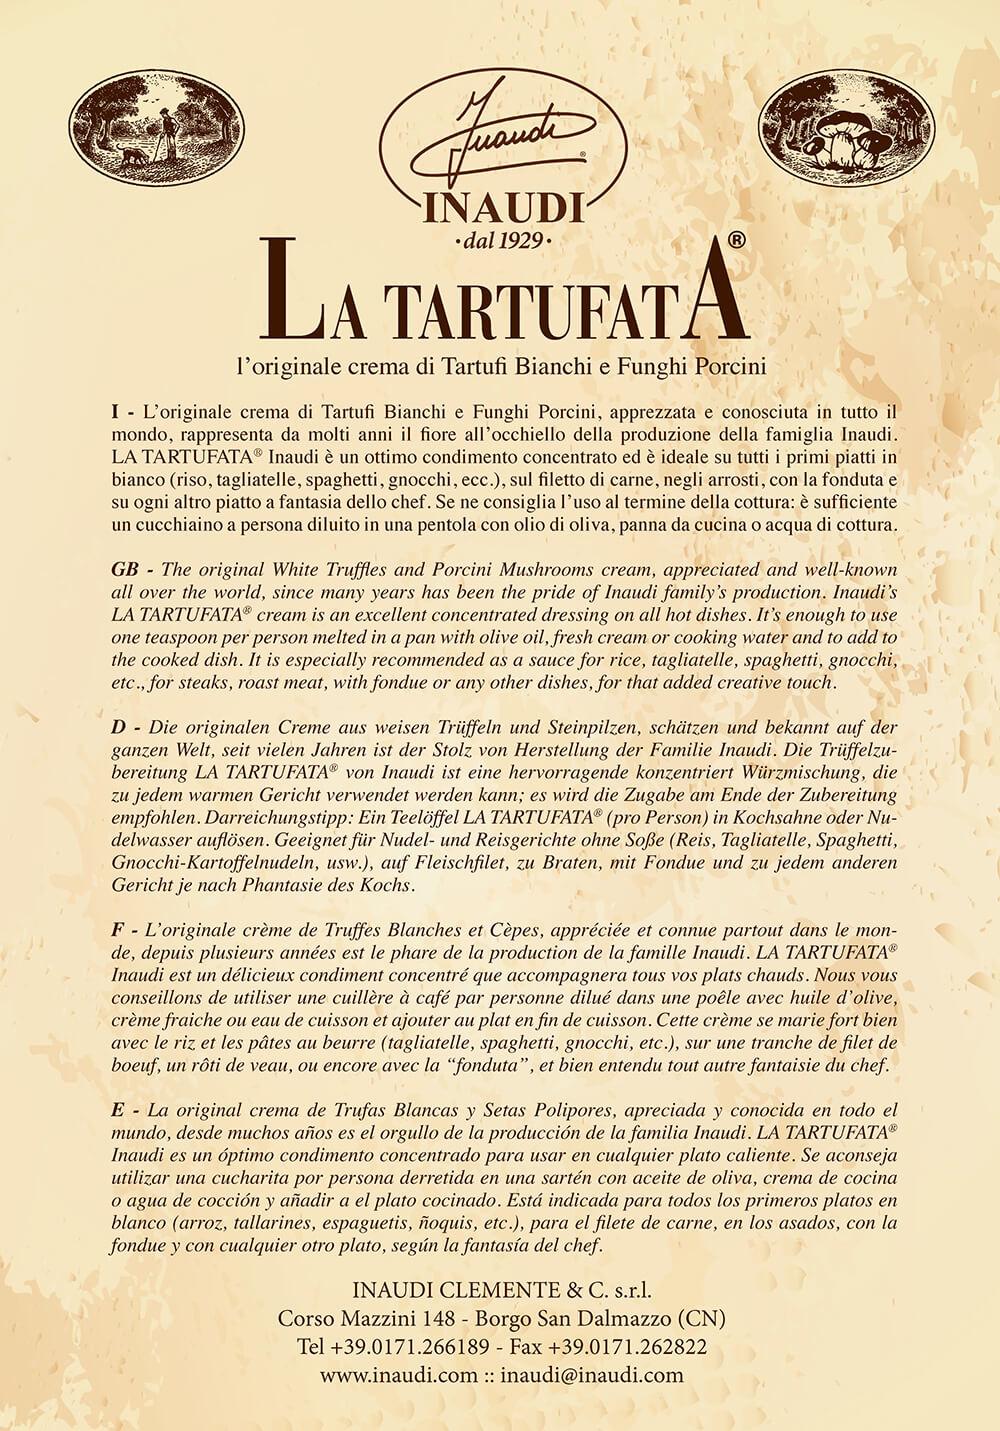 brevetto_LaTartufata_Inaudi_2